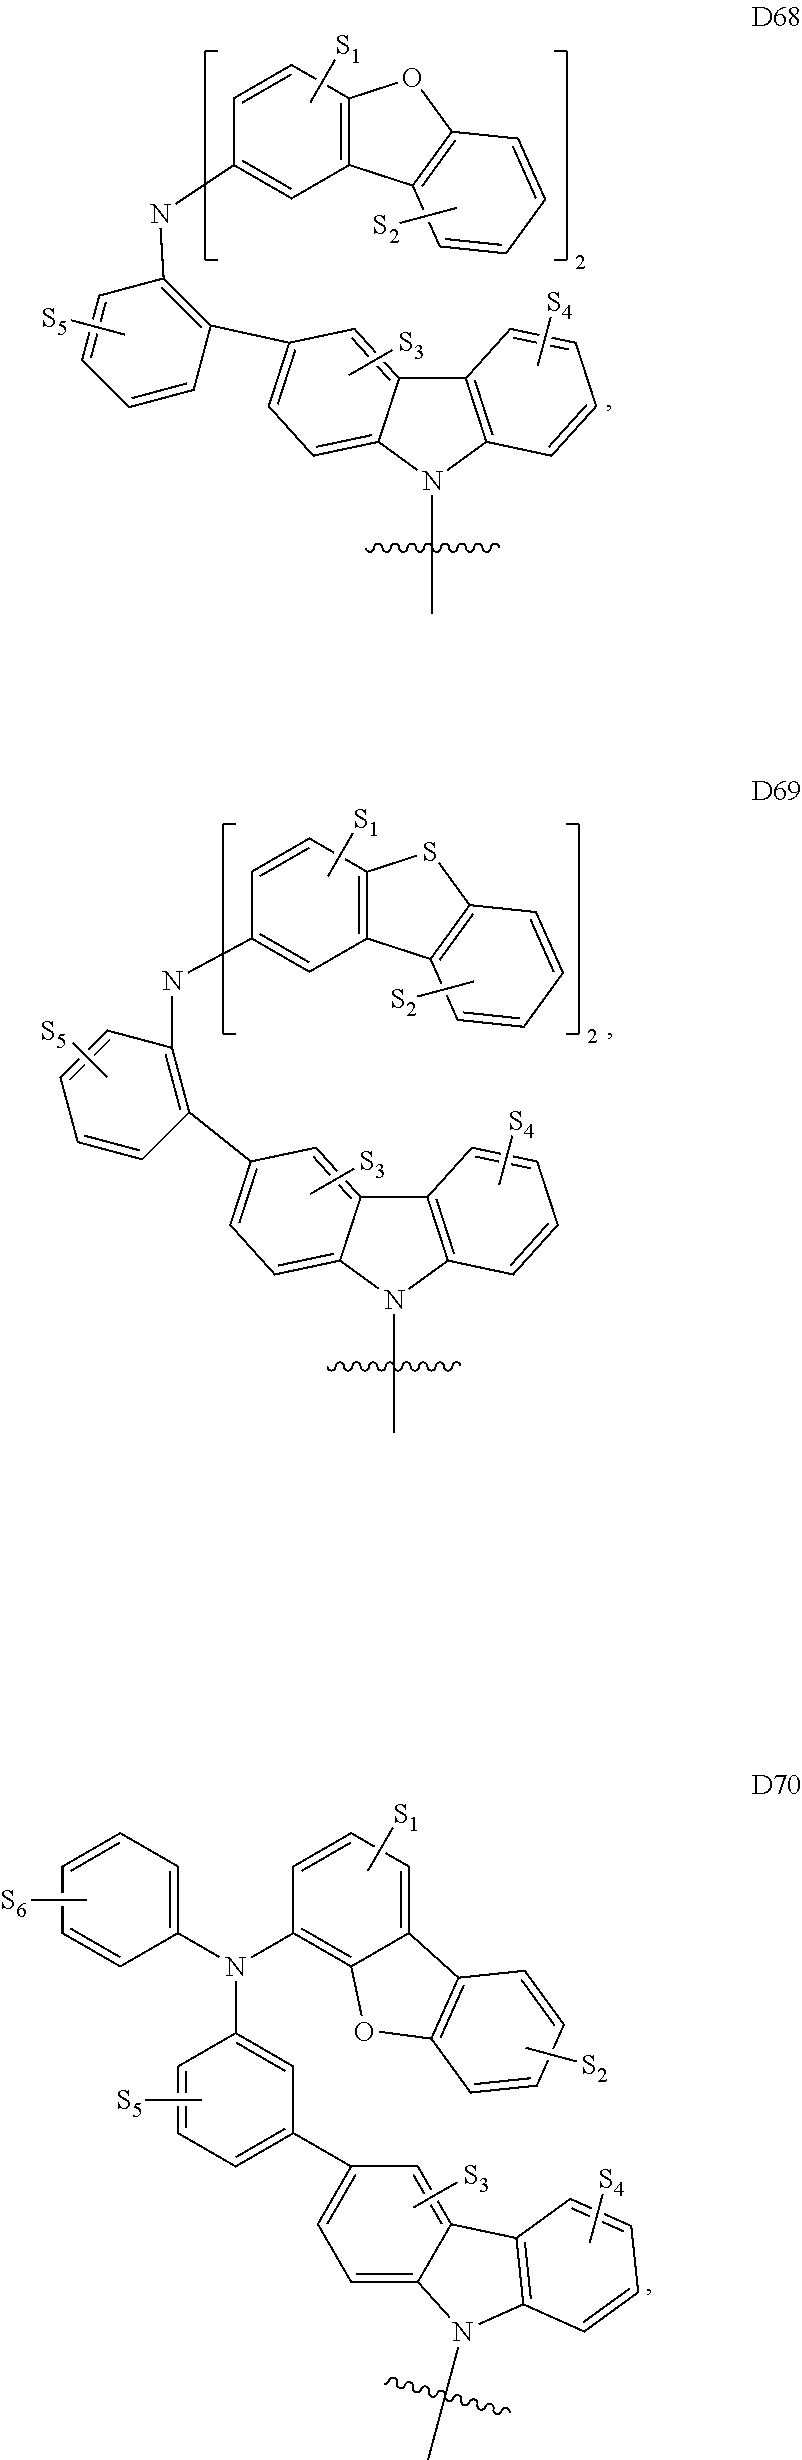 Figure US09537106-20170103-C00489